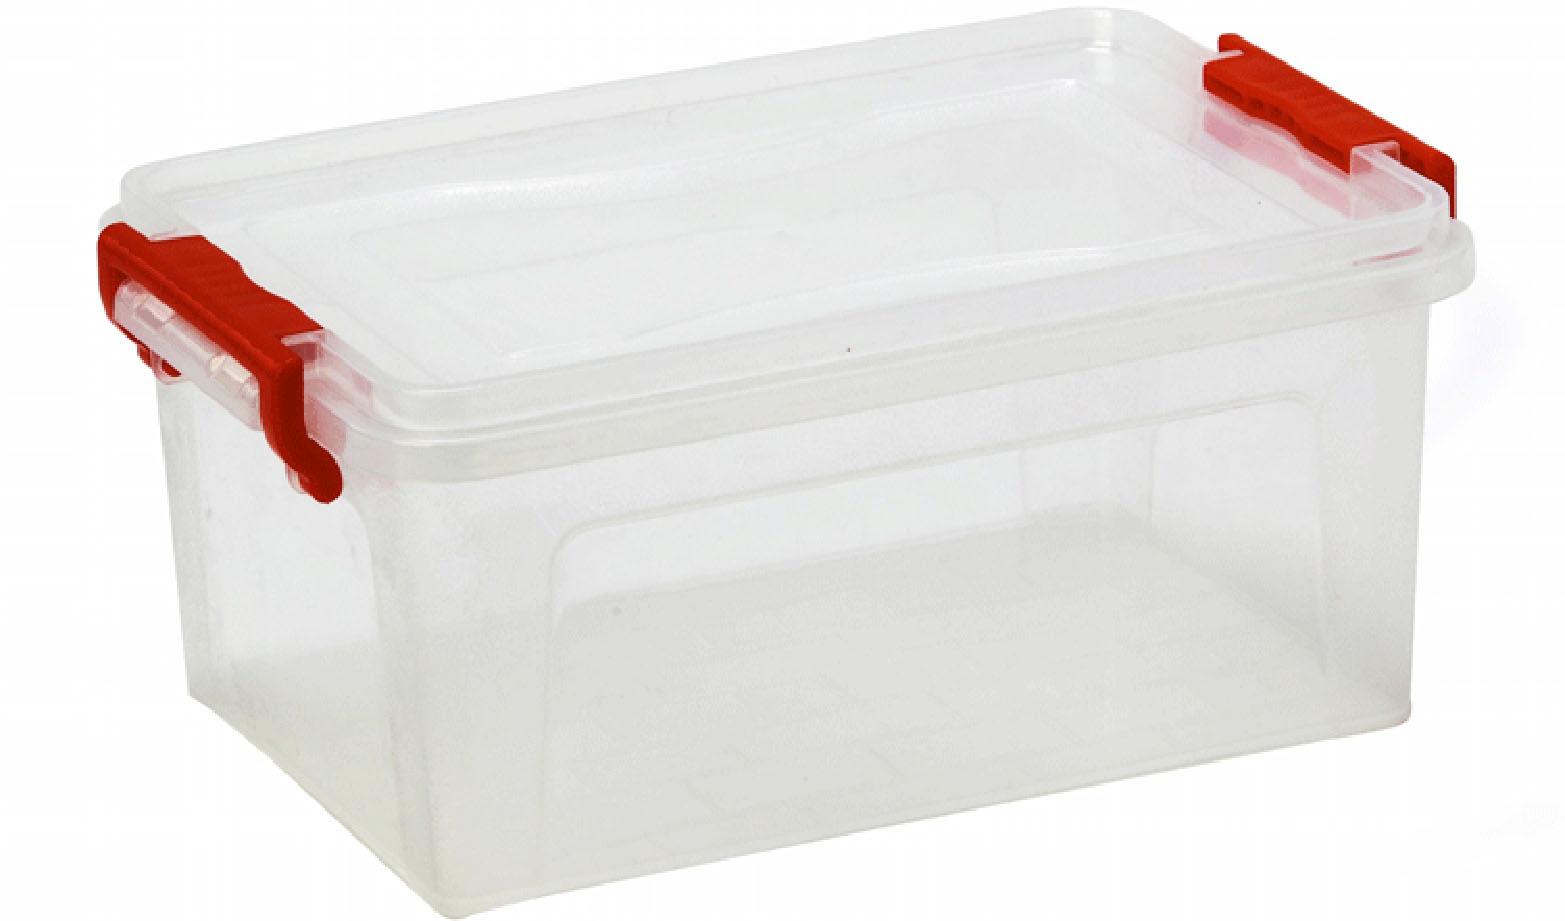 Контейнер для хранения Idea, прямоугольный, цвет: прозрачный, 20 л